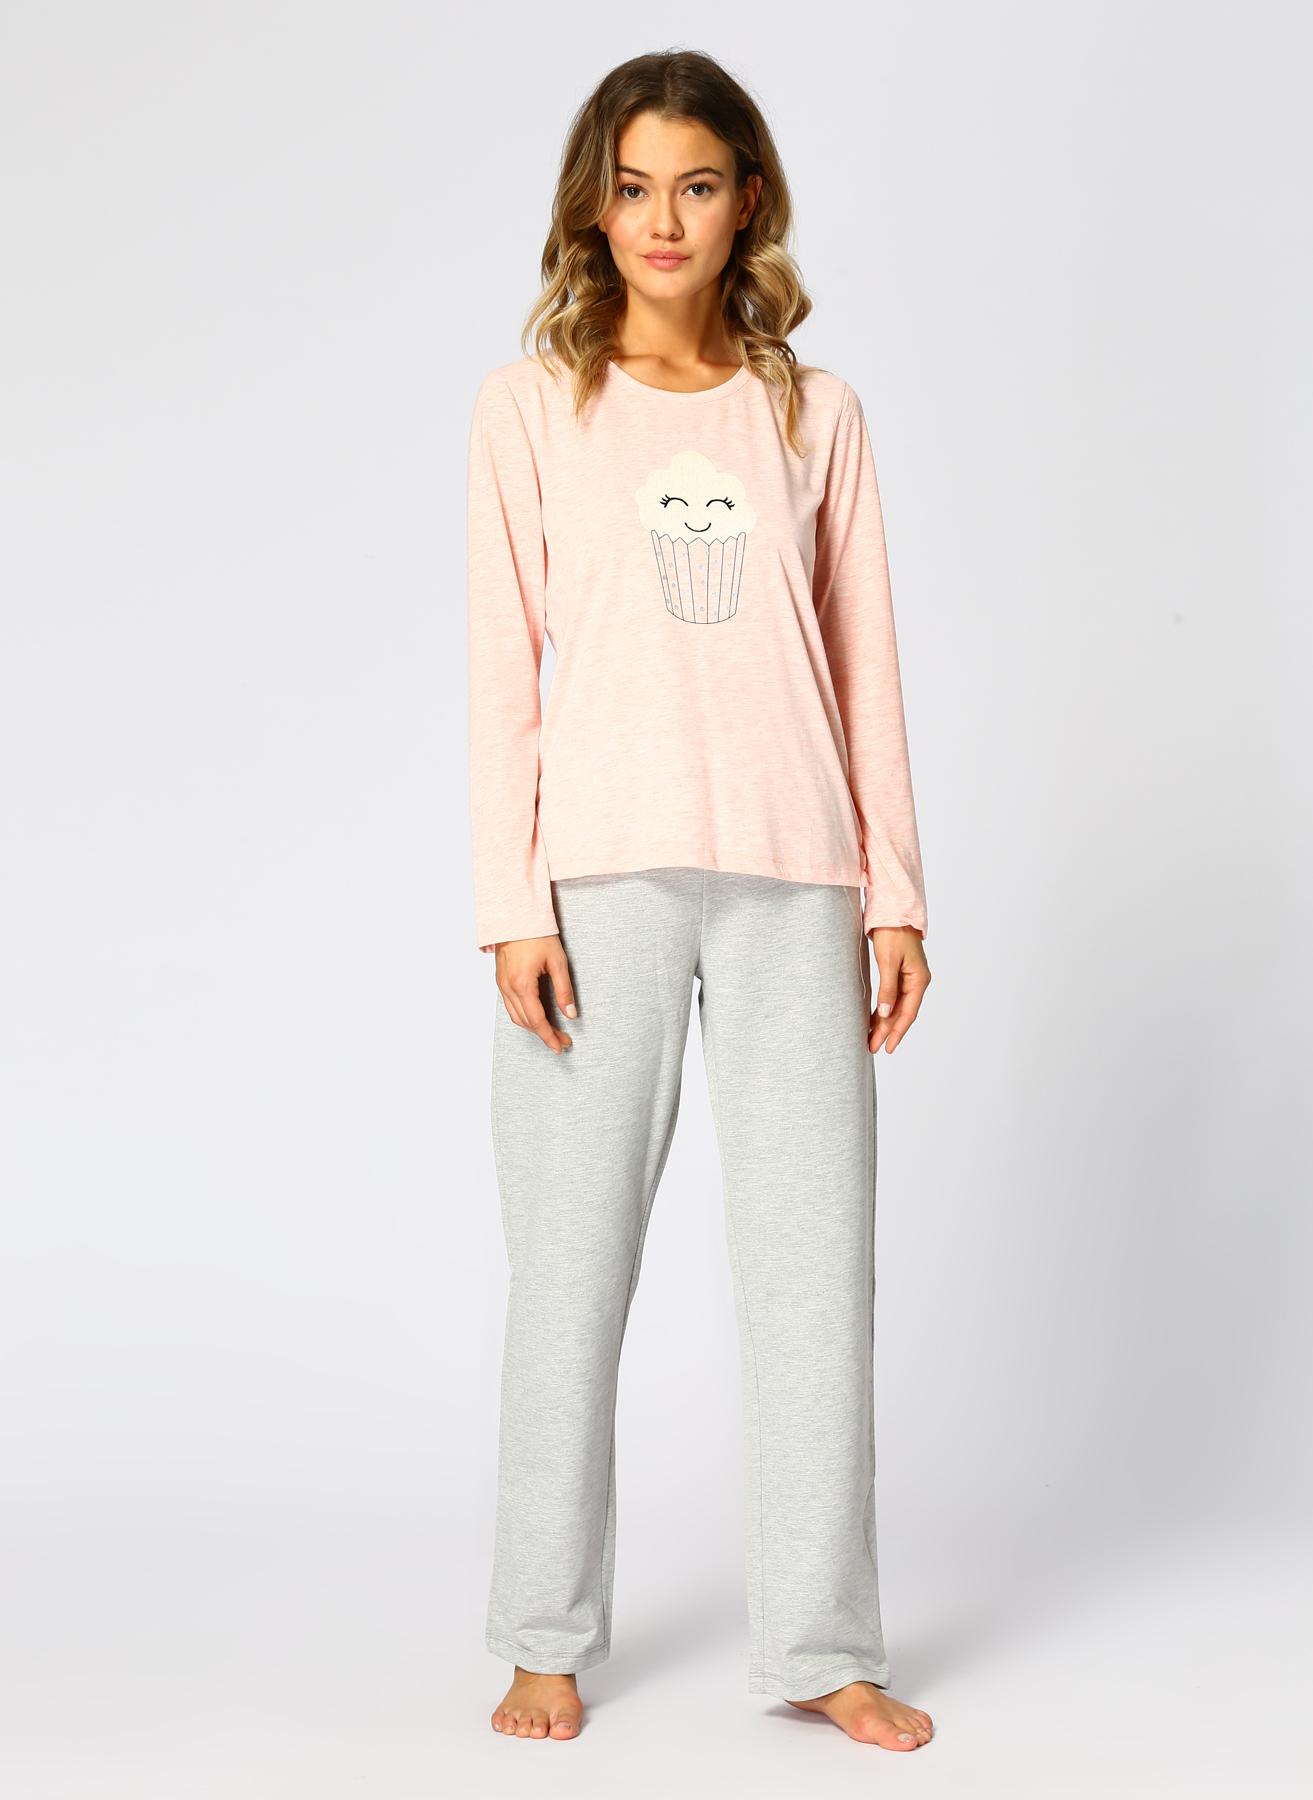 T-Box Pembe Pijama Takımı L 5001700544003 Ürün Resmi